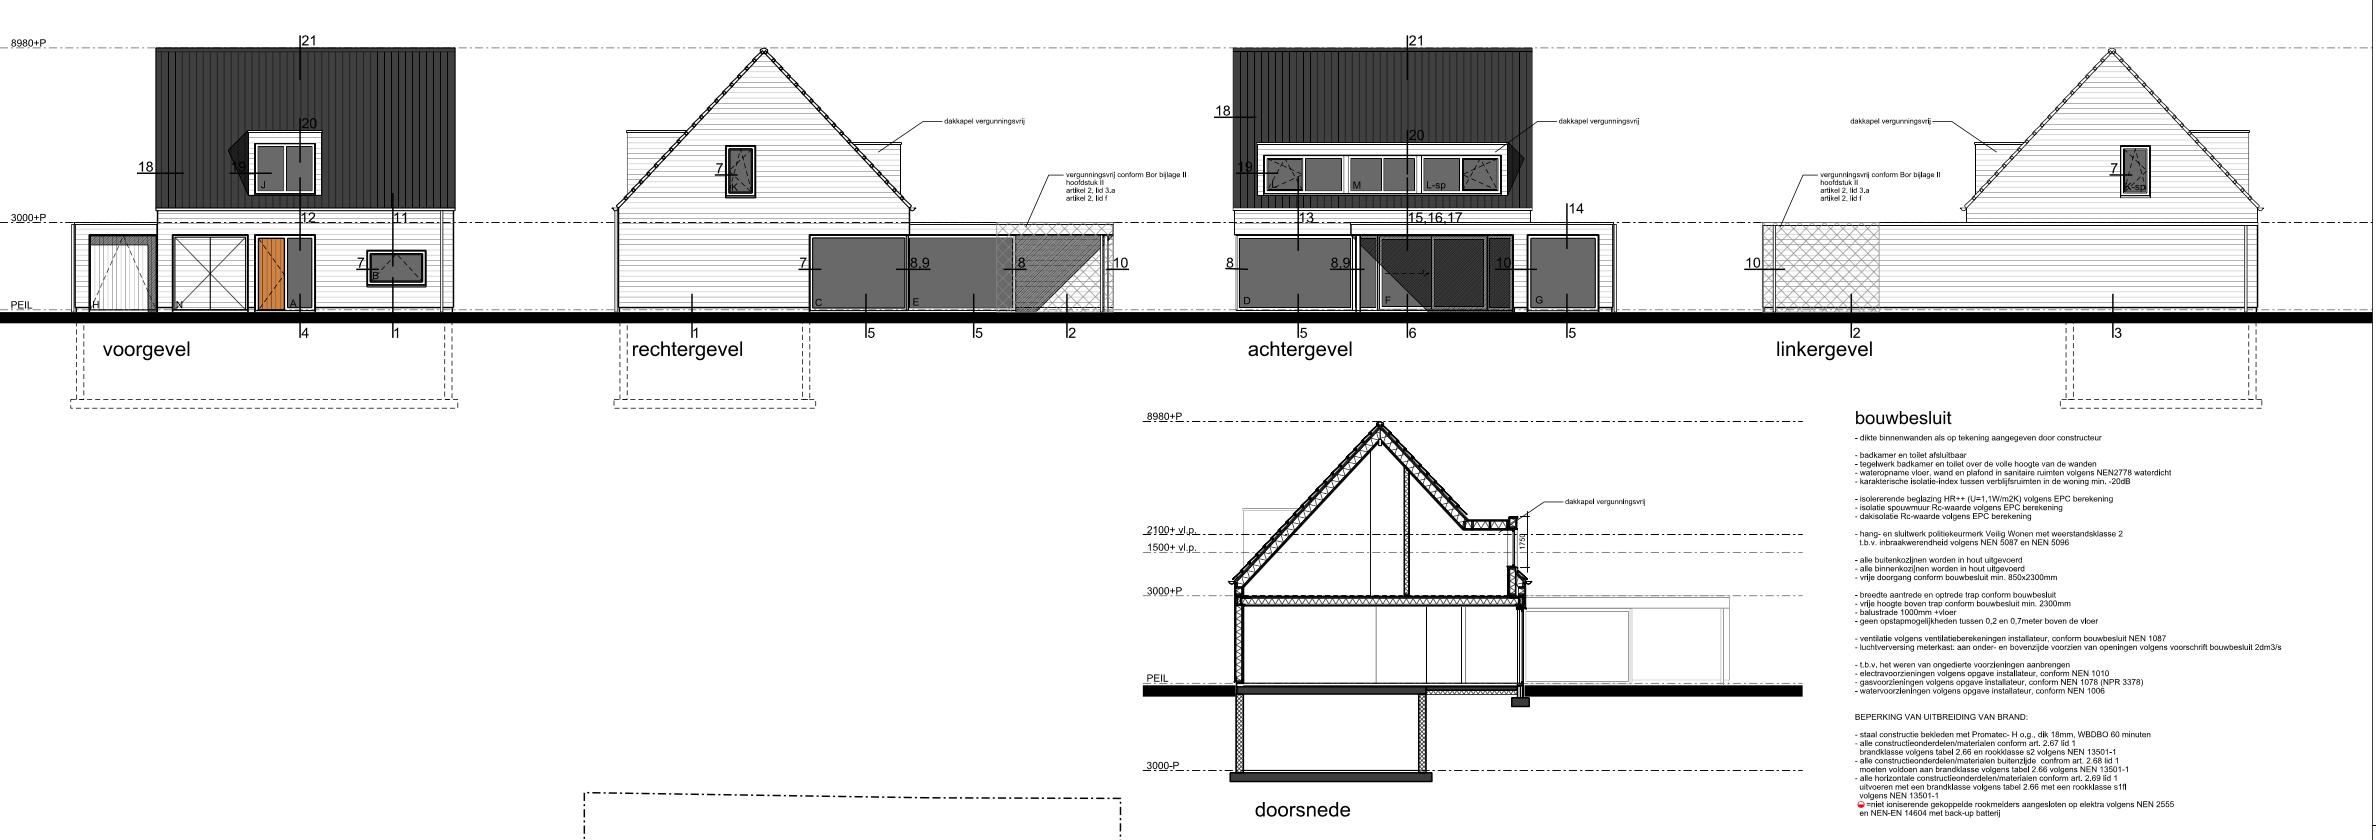 Hoogte Toiletpot Bouwbesluit.Projecten Voor 2018 2019 Vg Loghouses